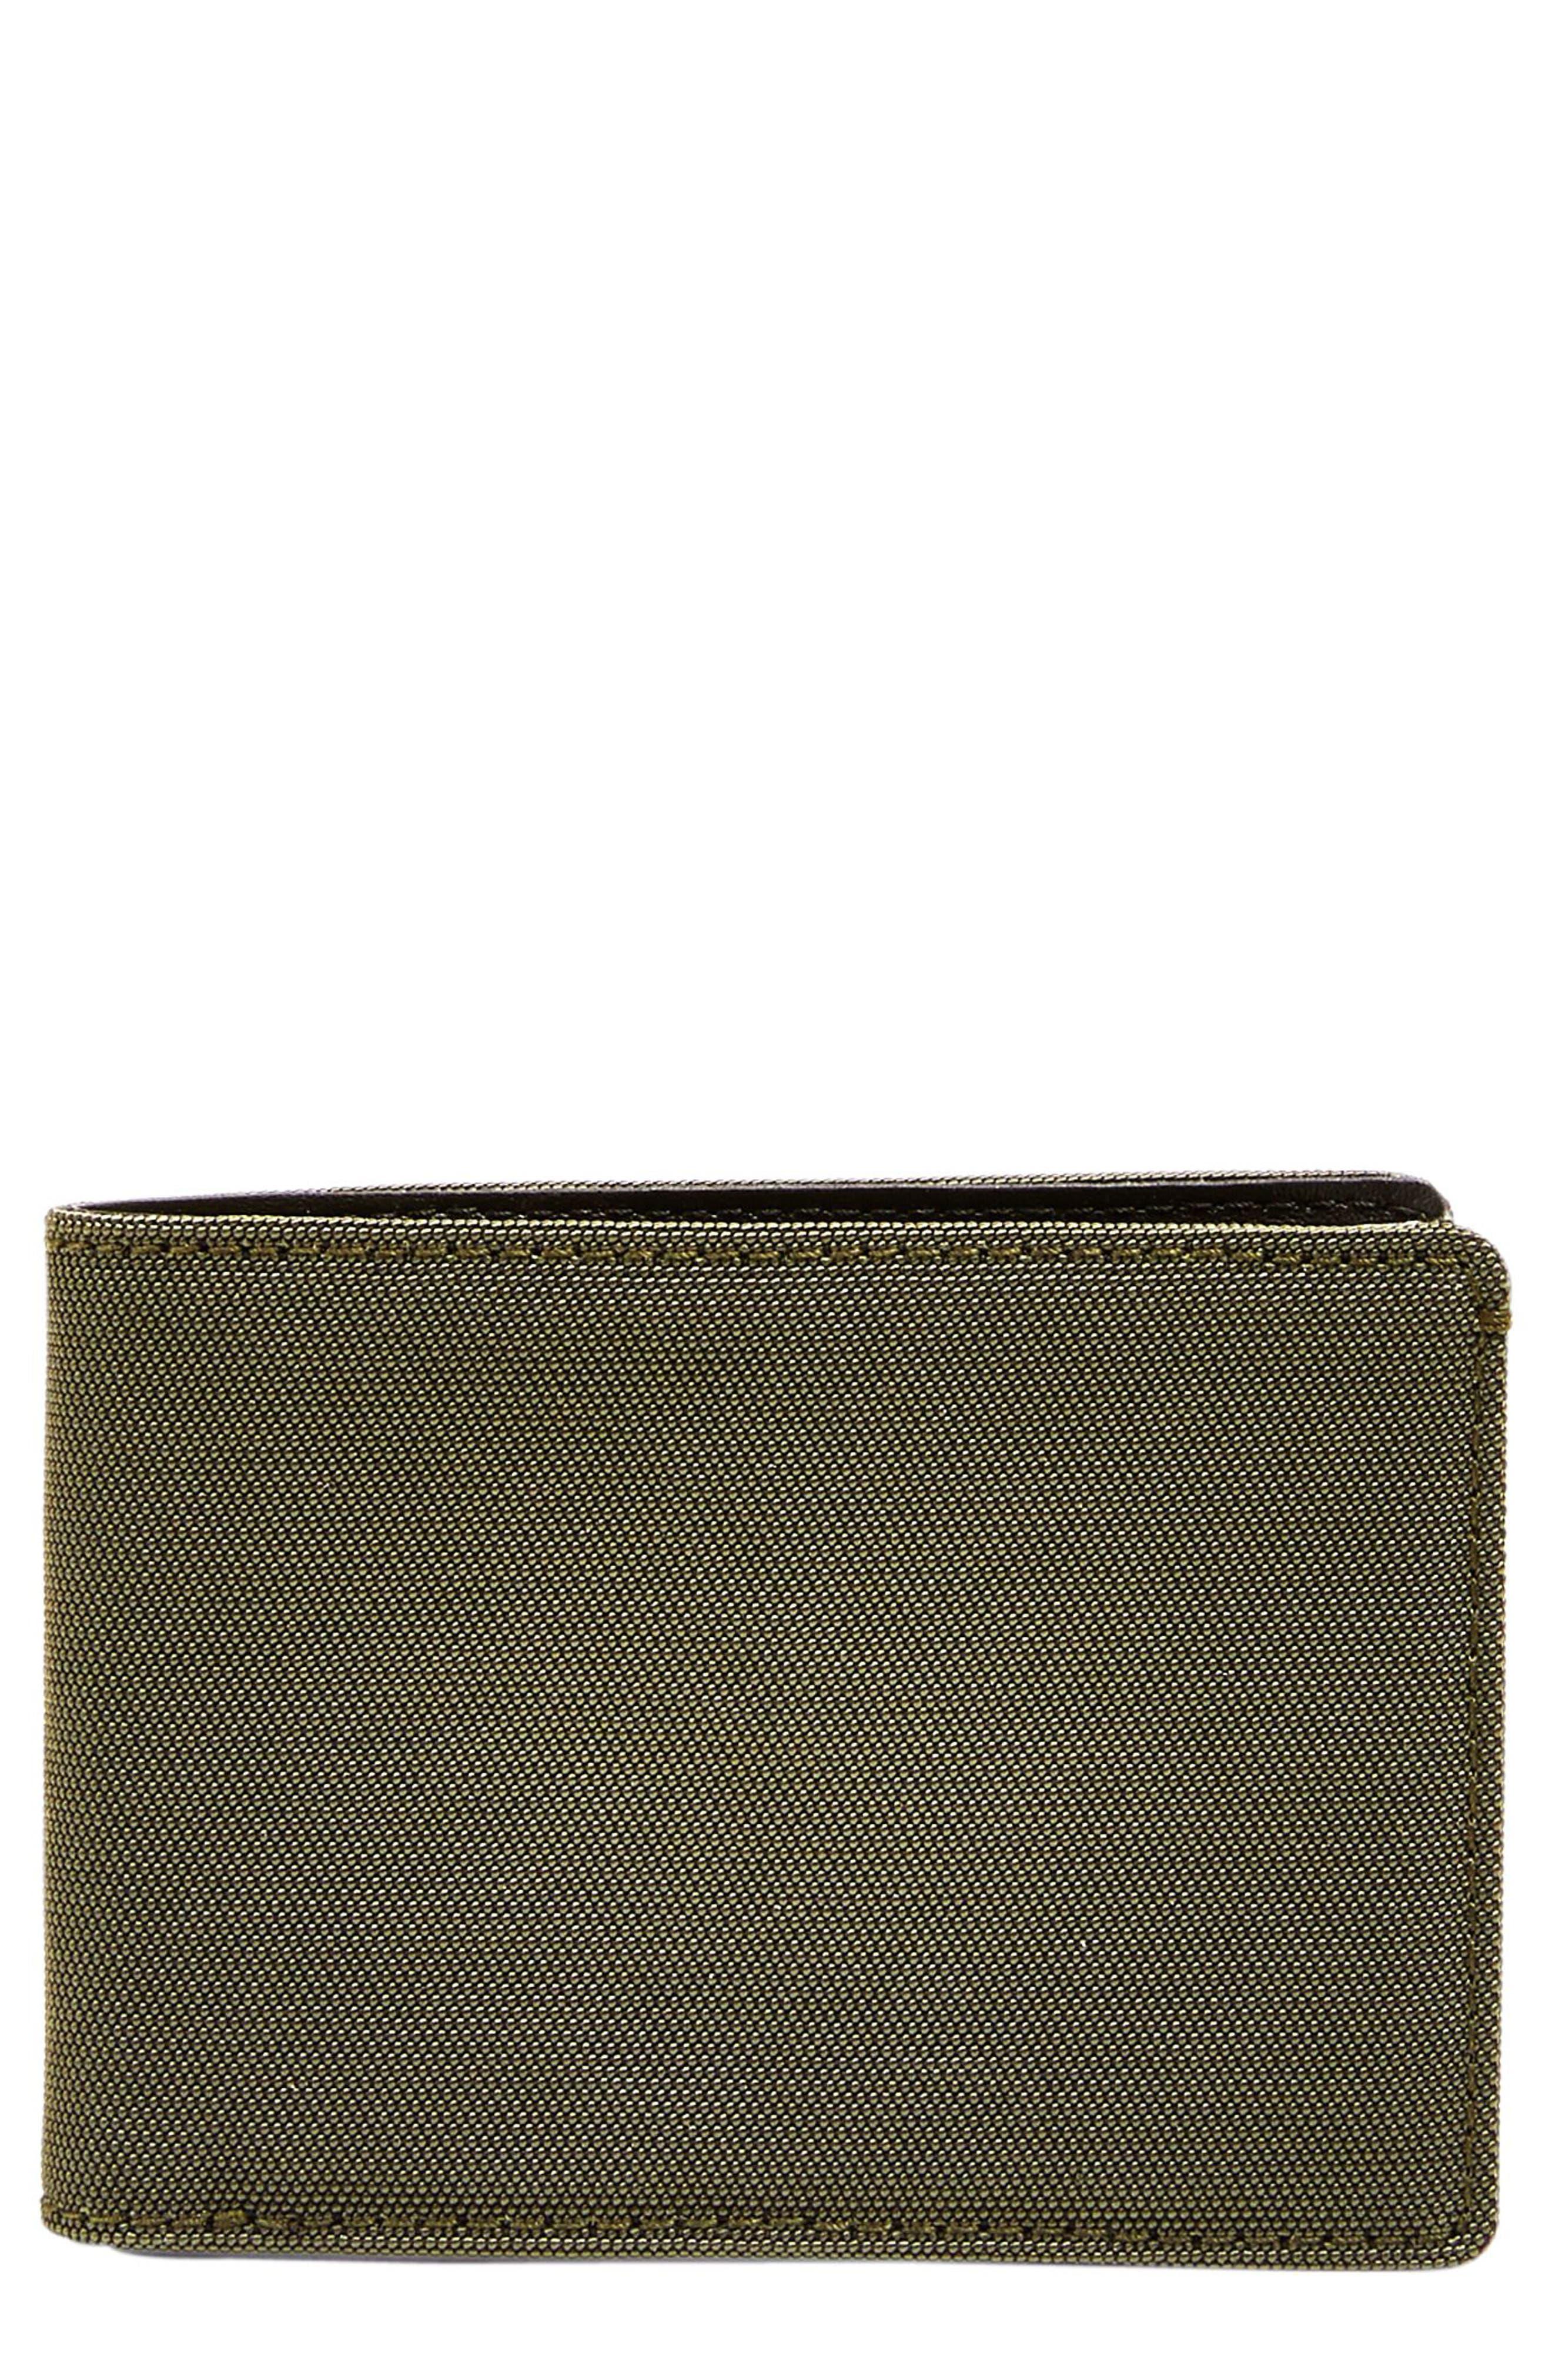 Bifold Wallet,                             Main thumbnail 1, color,                             348